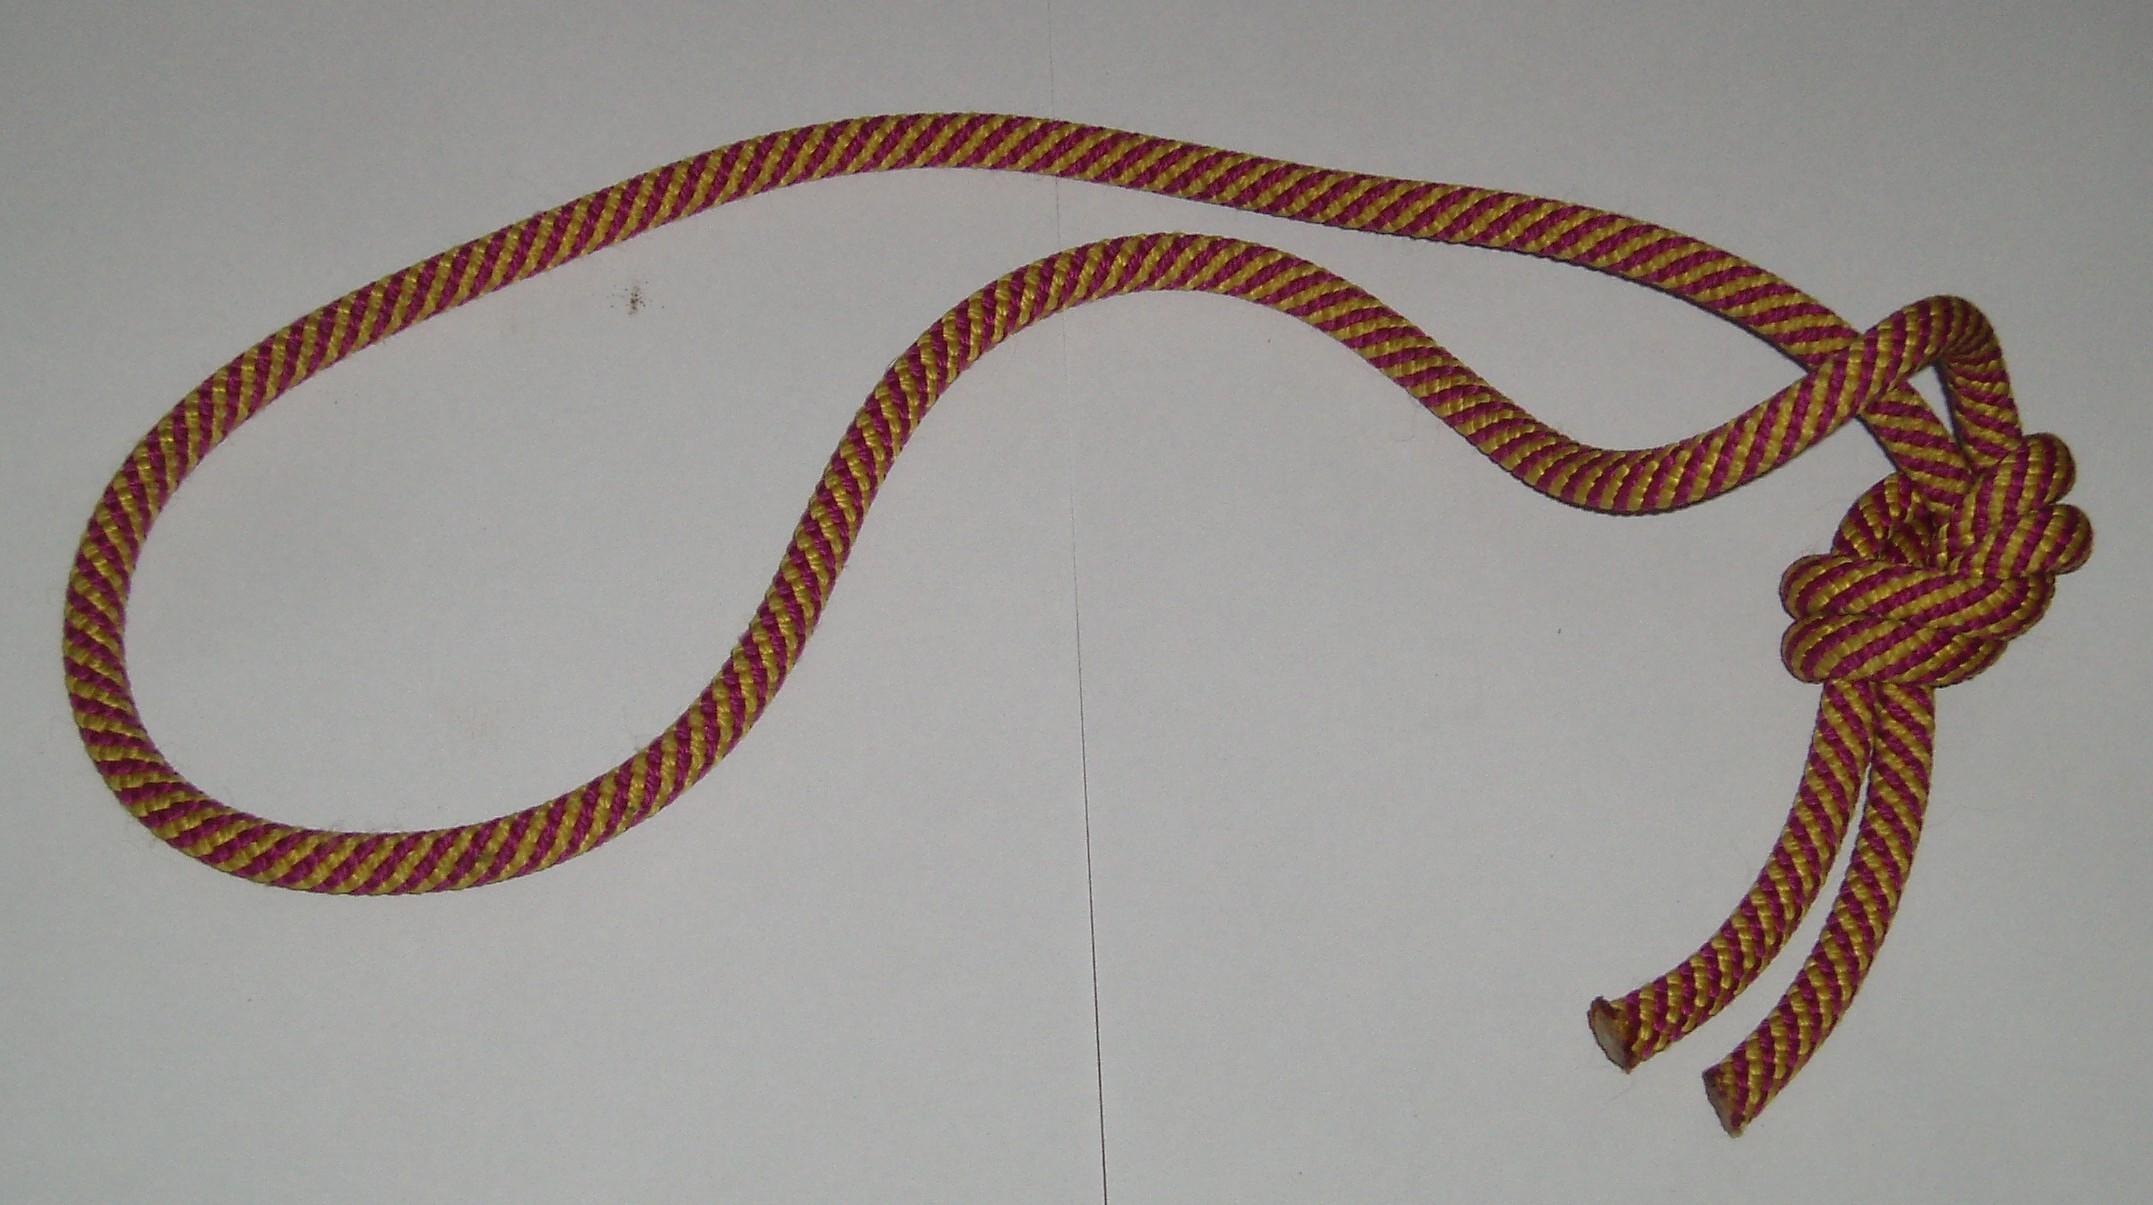 performance of nylon climbing ropes essay